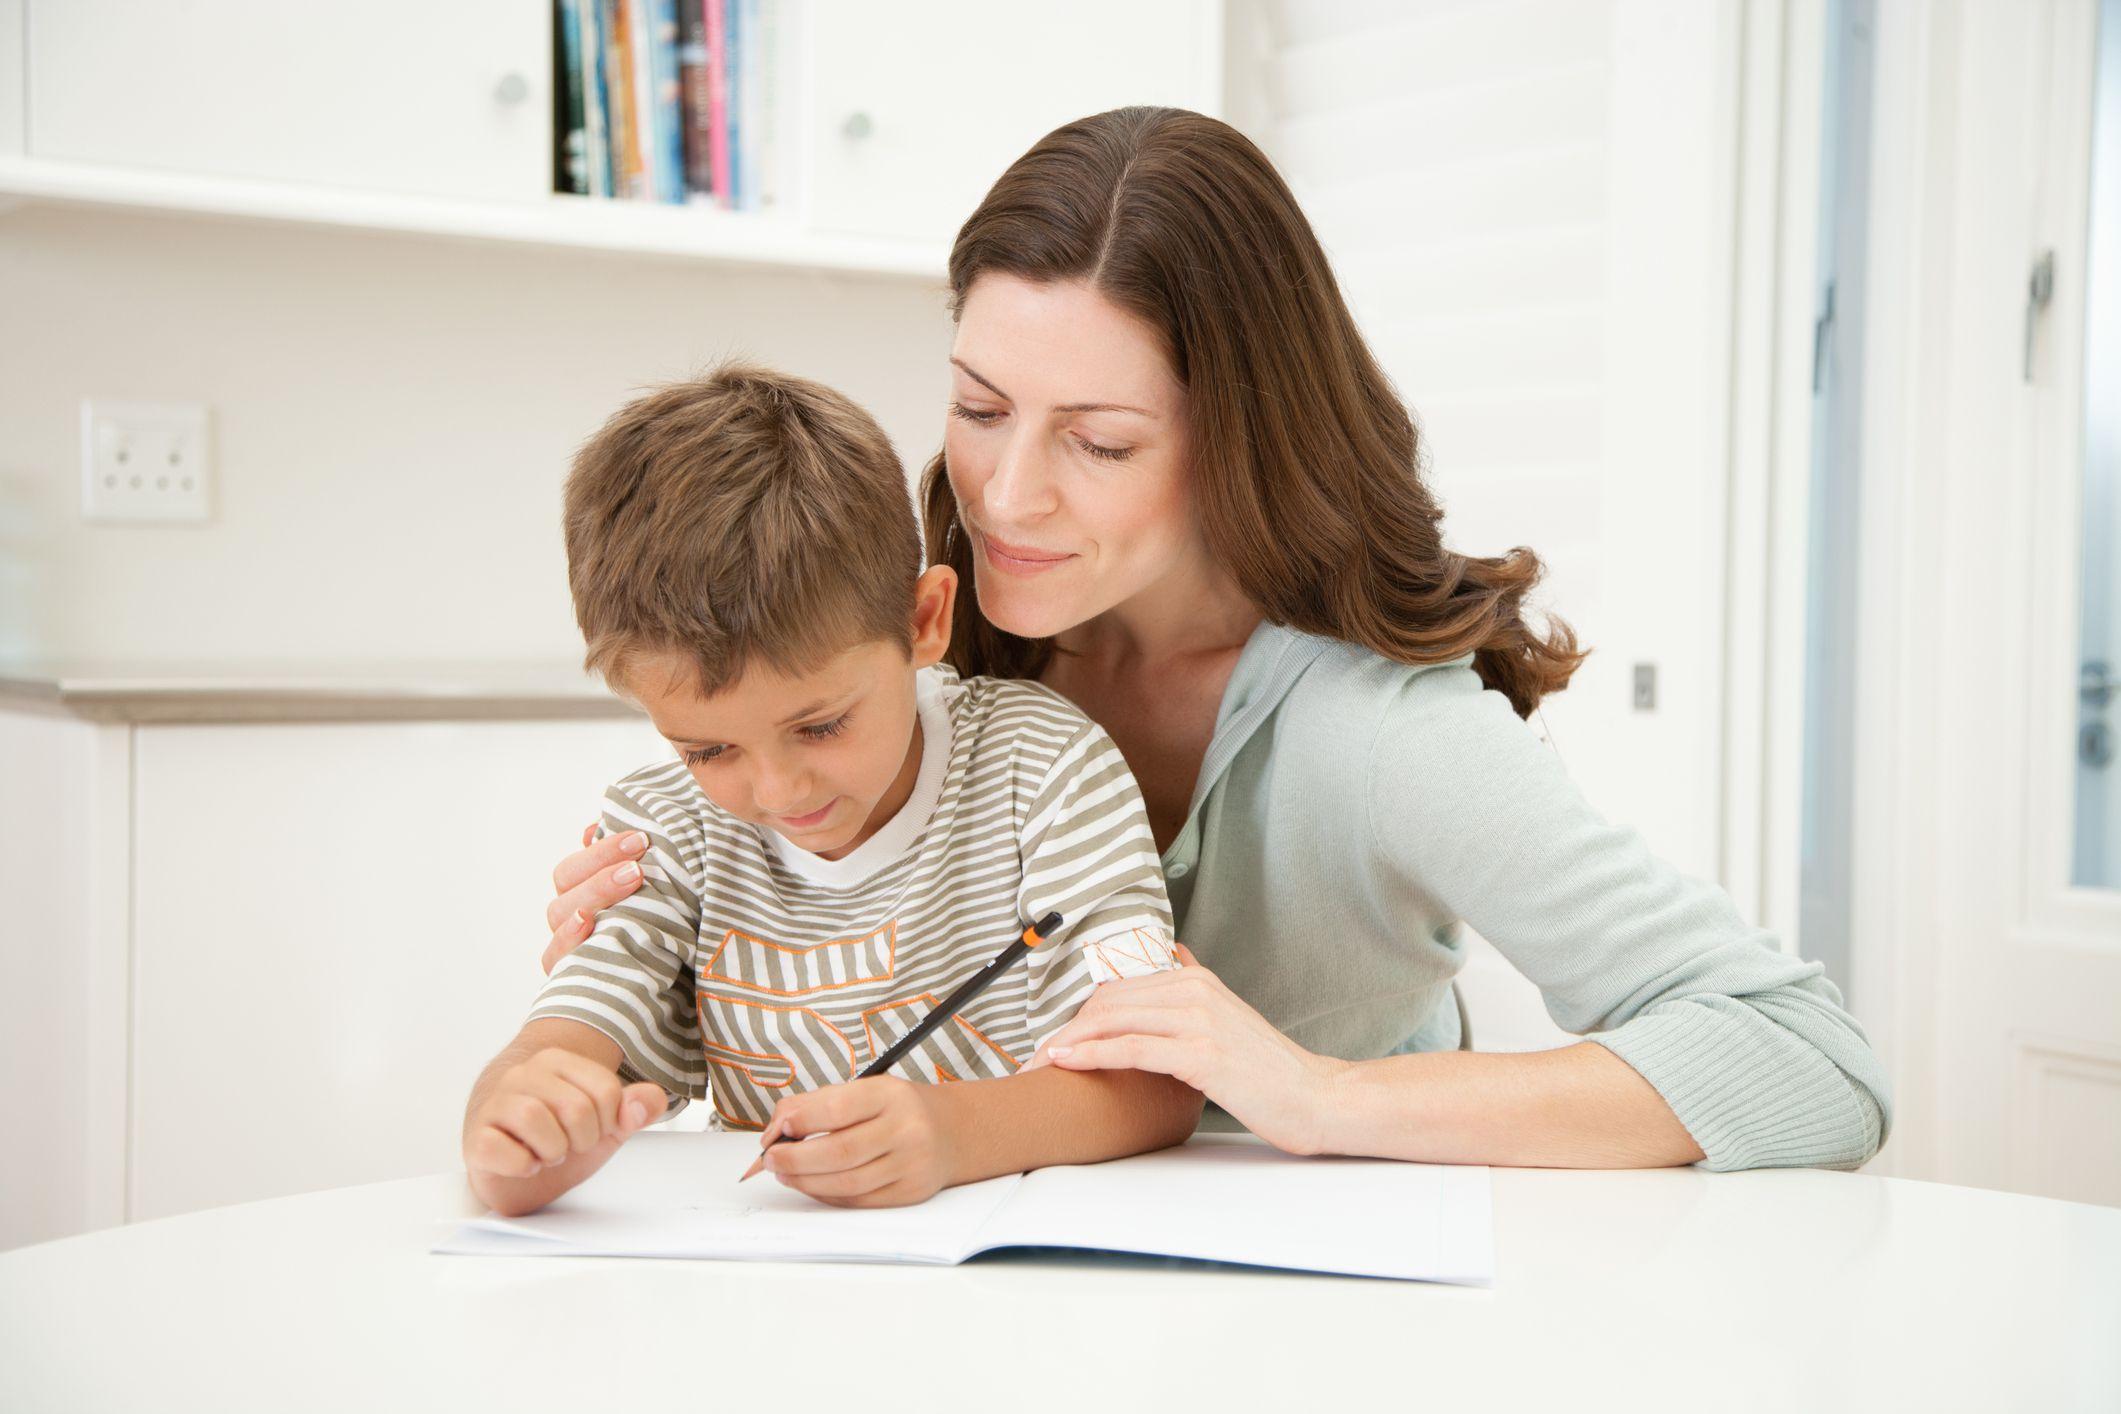 Картинка сын помогает маме